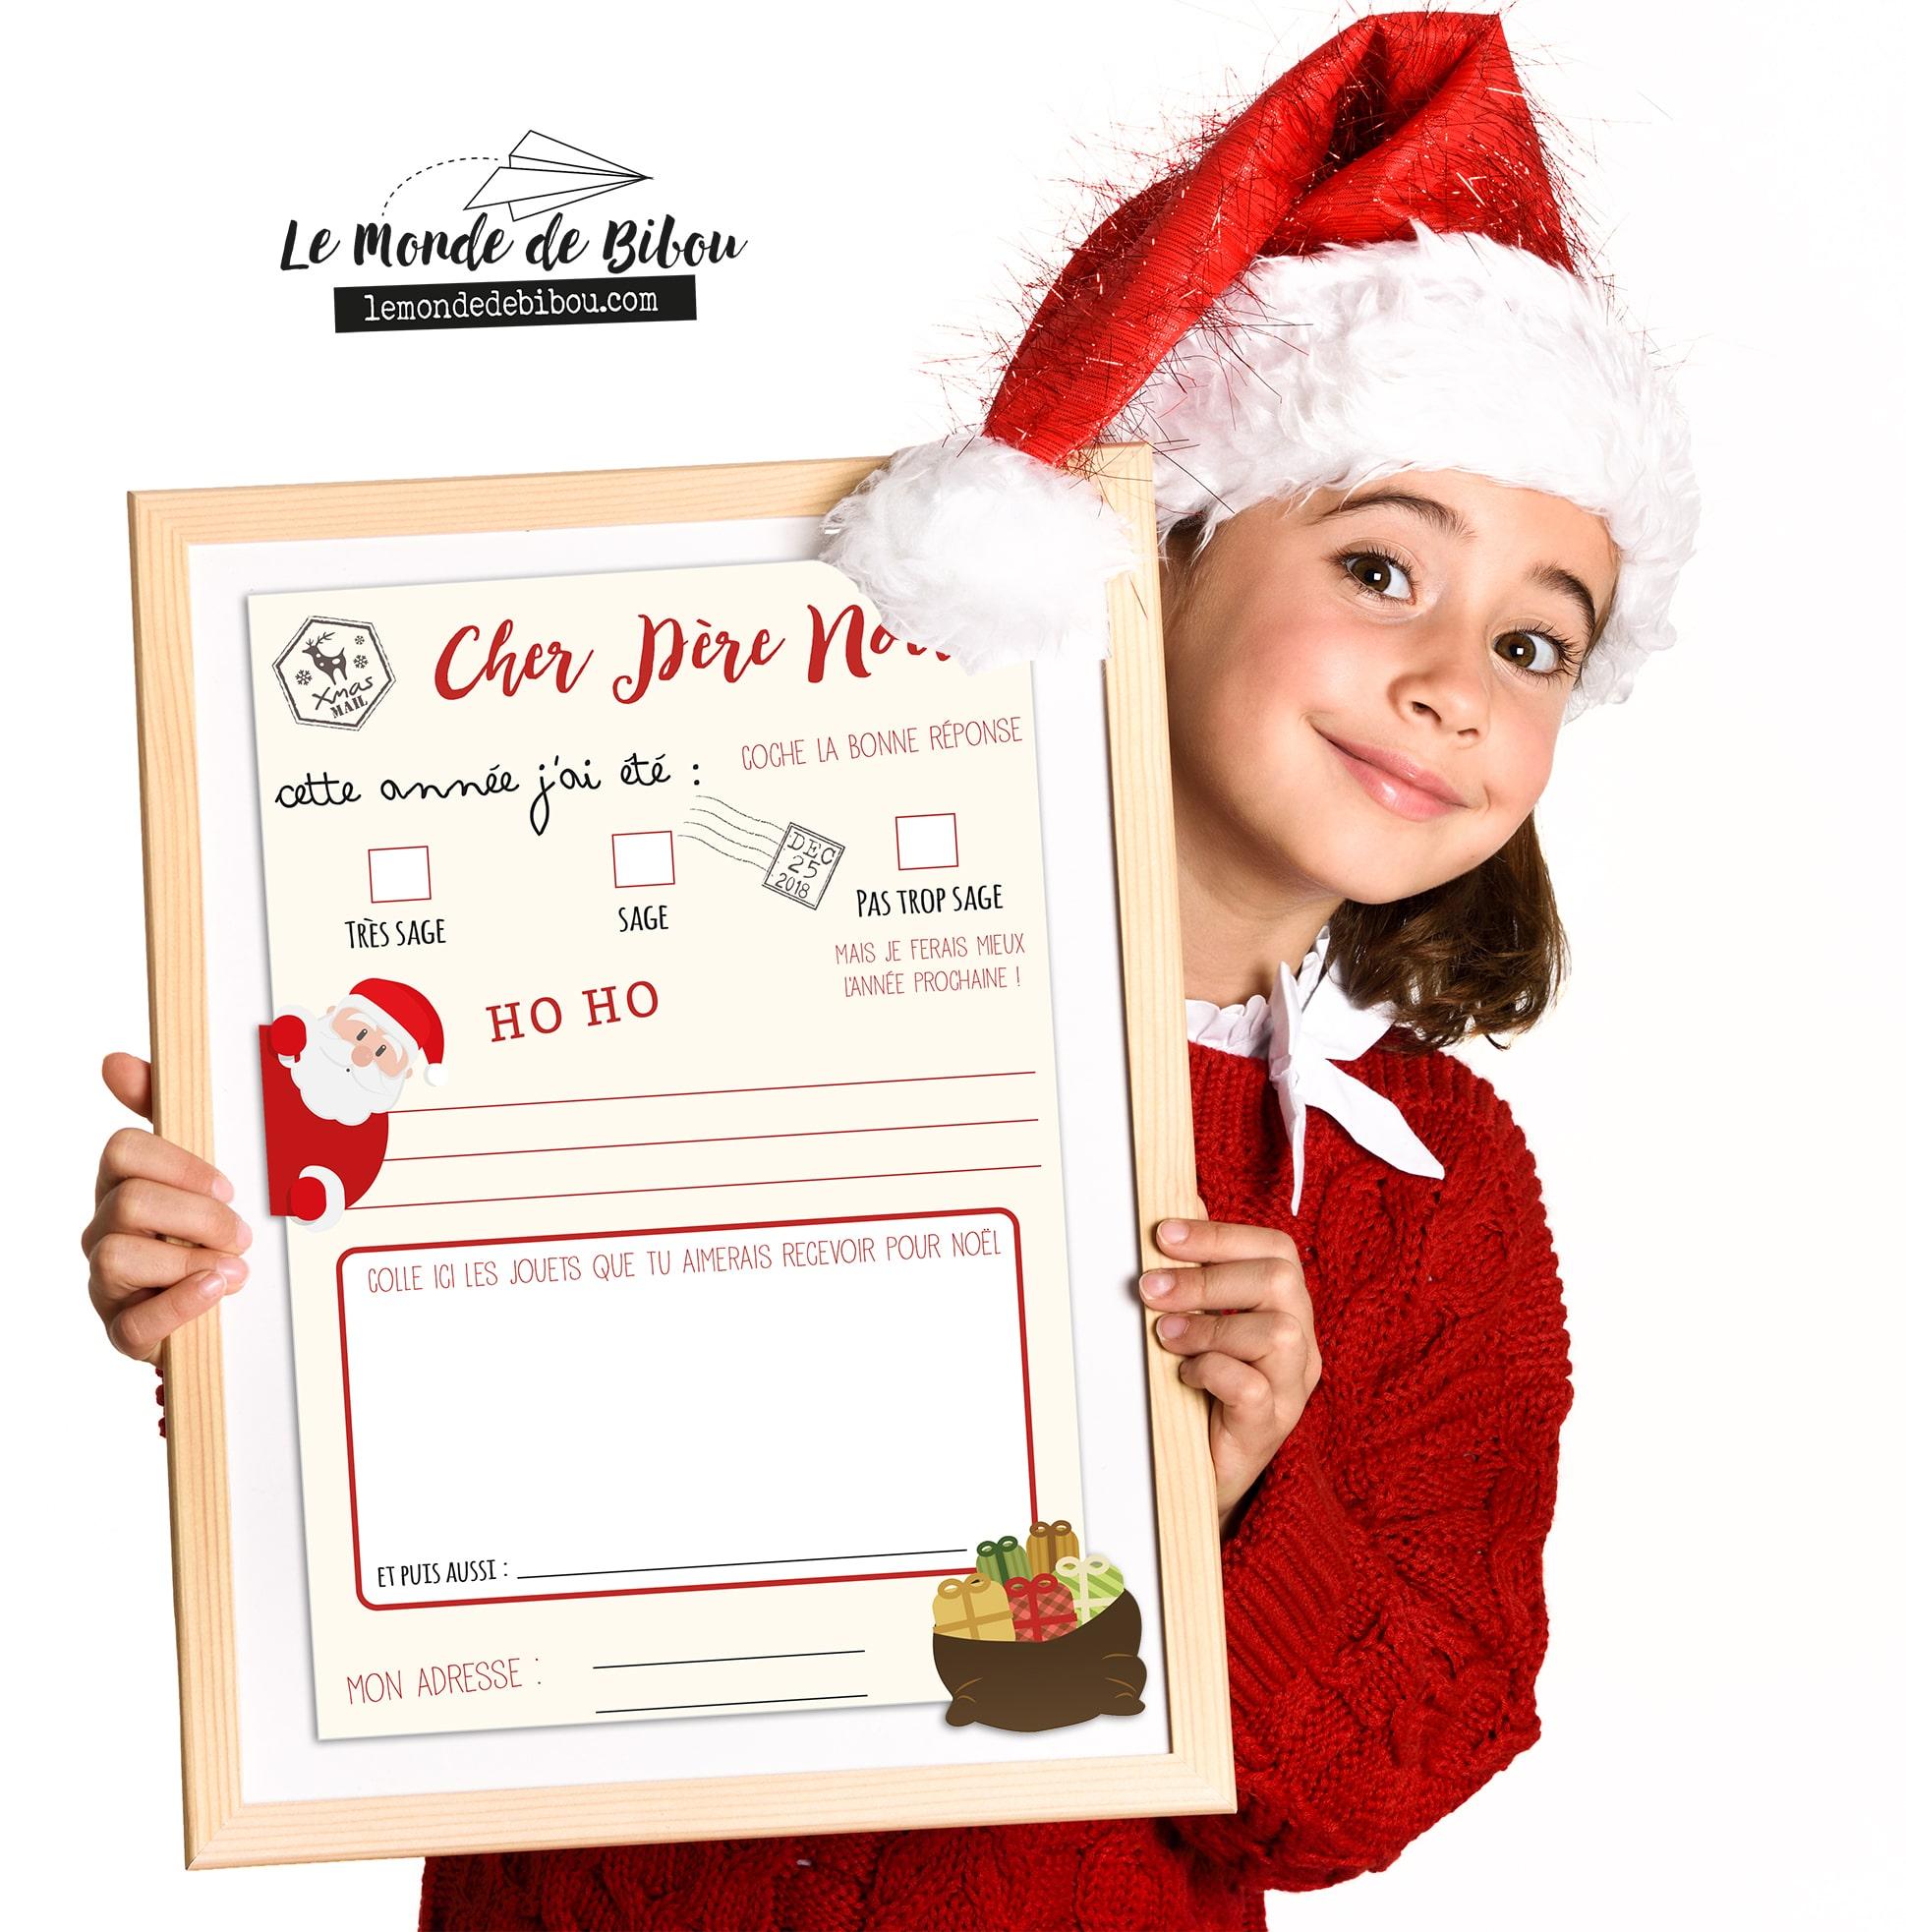 Lettre au p re no l imprimer avec son enveloppe pr te poster - Oui oui pere noel ...